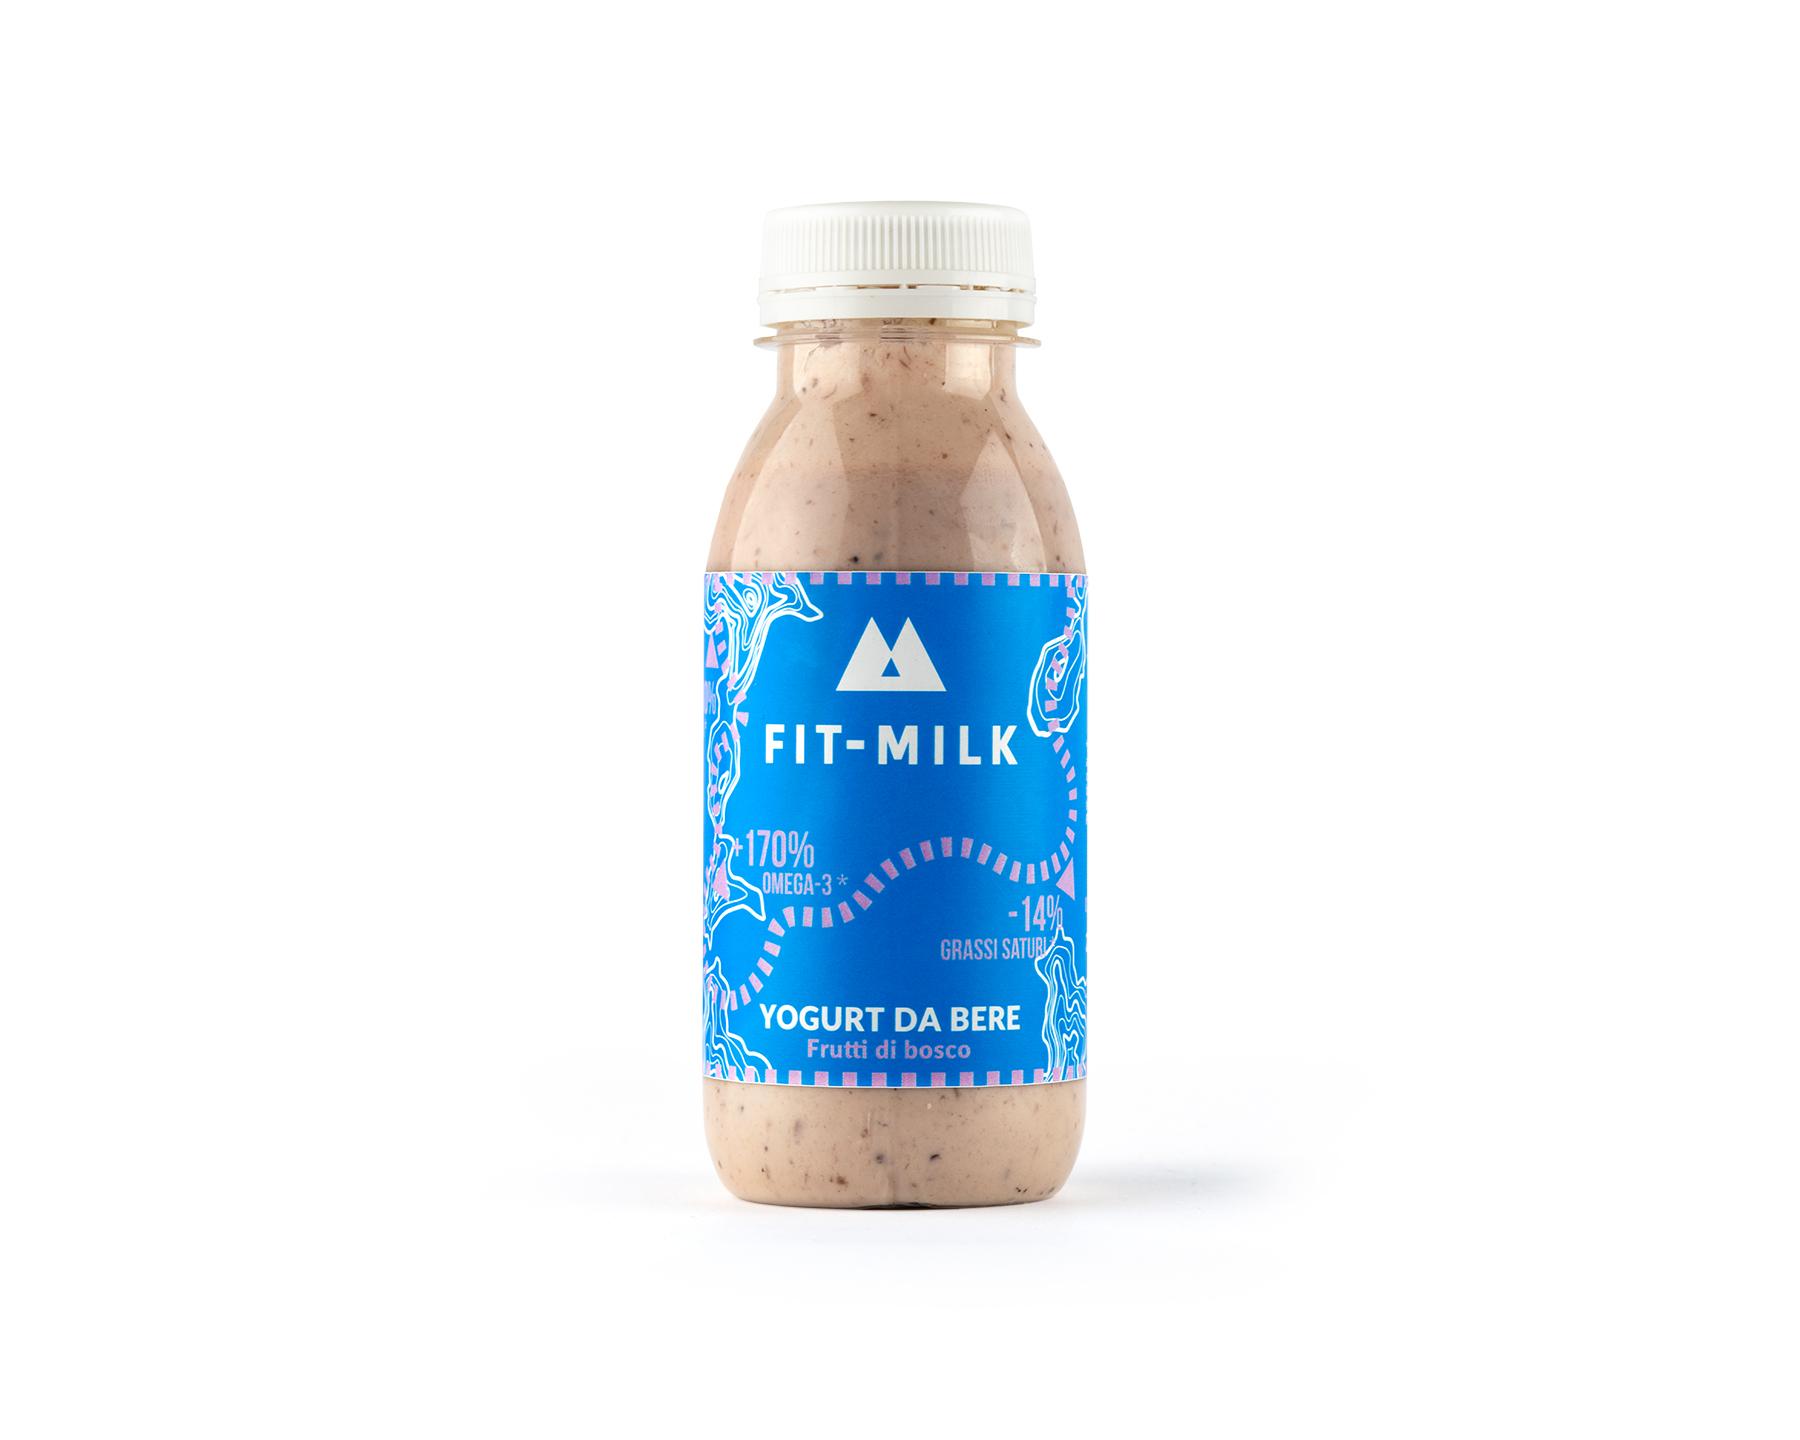 Yogurt da bere ai frutti di bosco prodotto da latte da erba, latte grass fed